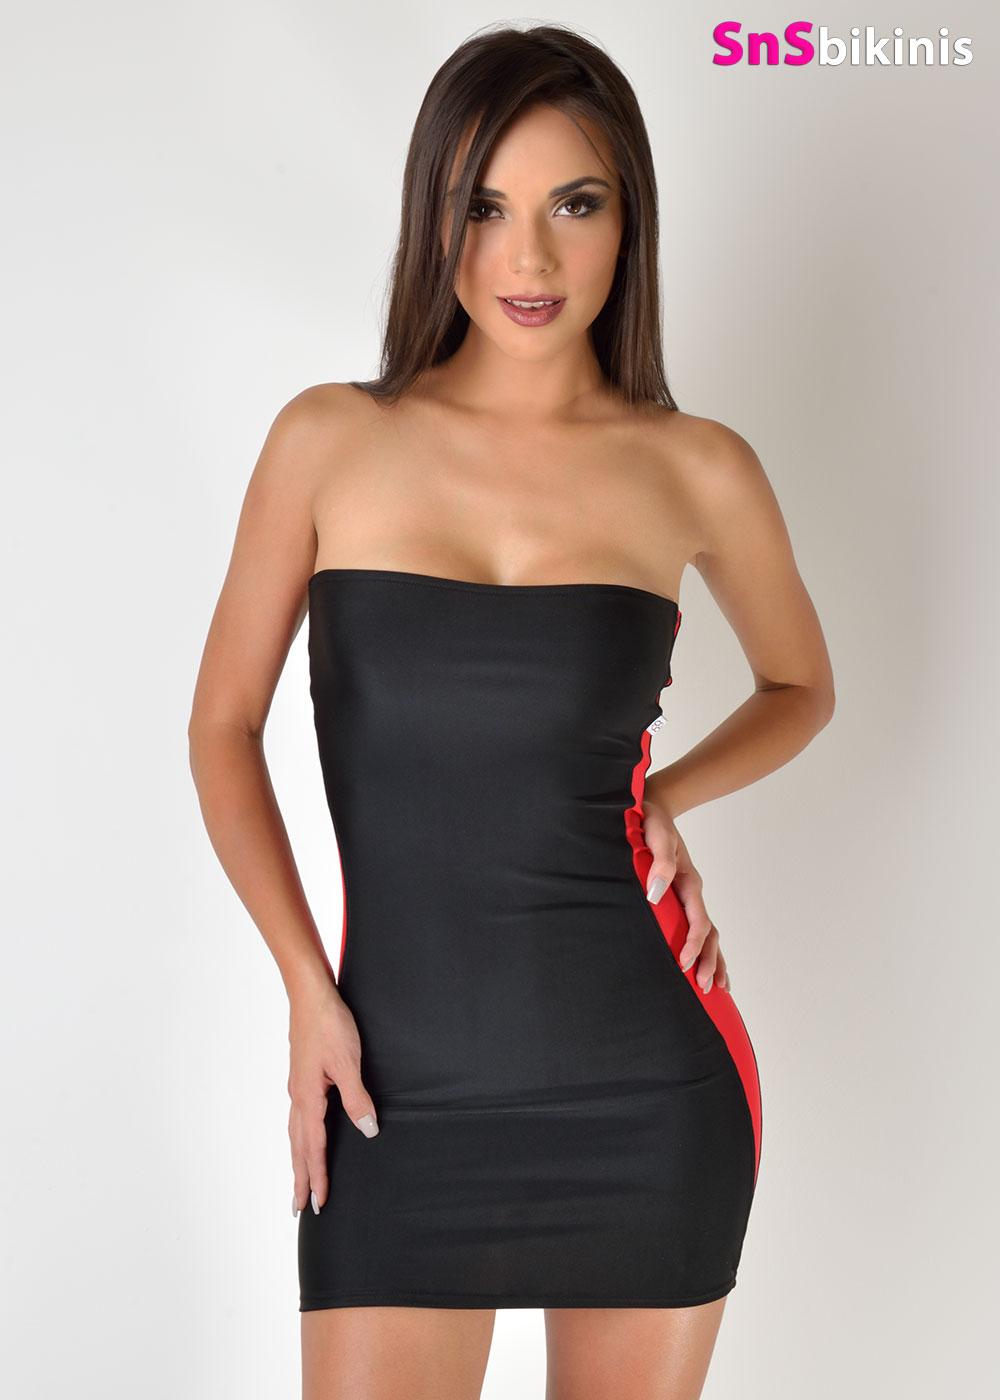 EMMA Sexy Tight Mini Dress [STRPDRSHERCENT005AUTO] - $78